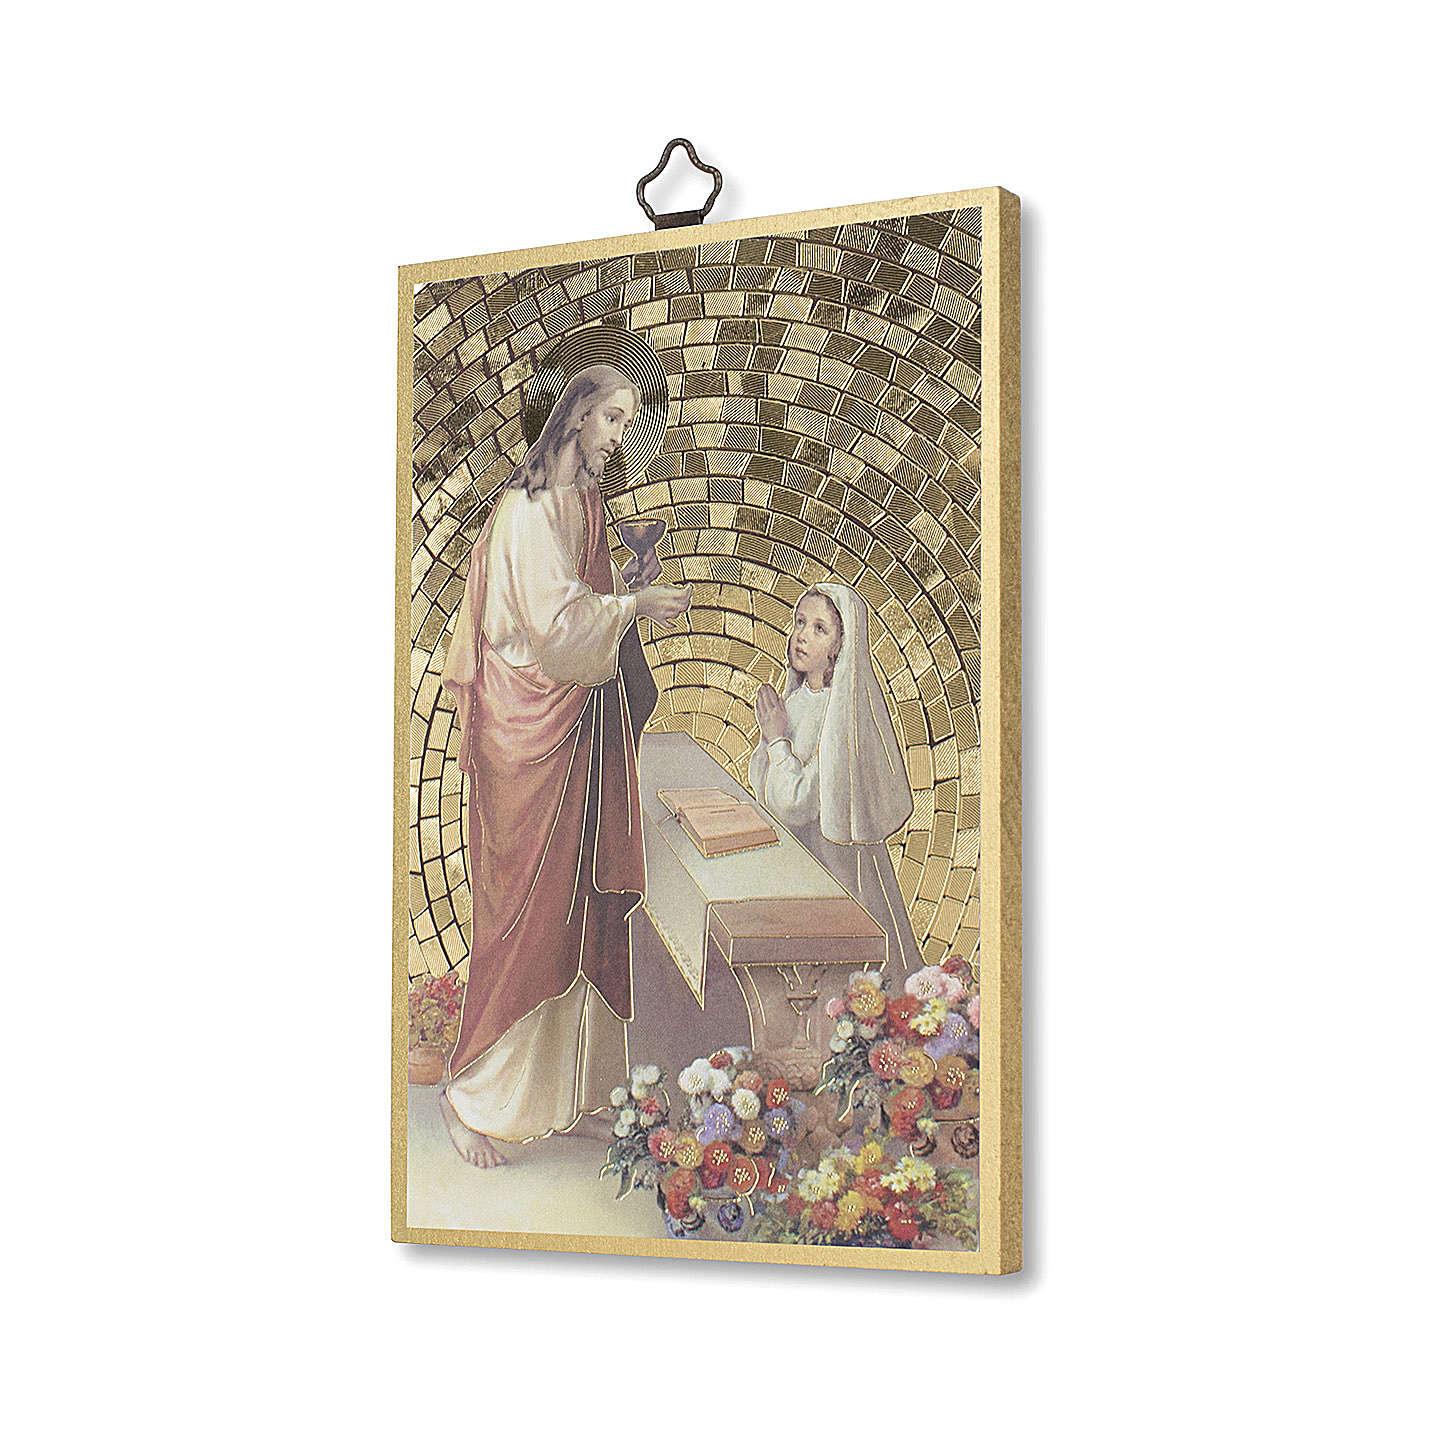 Stampa su legno Gesù offre la Comunione ad una Bimba 3